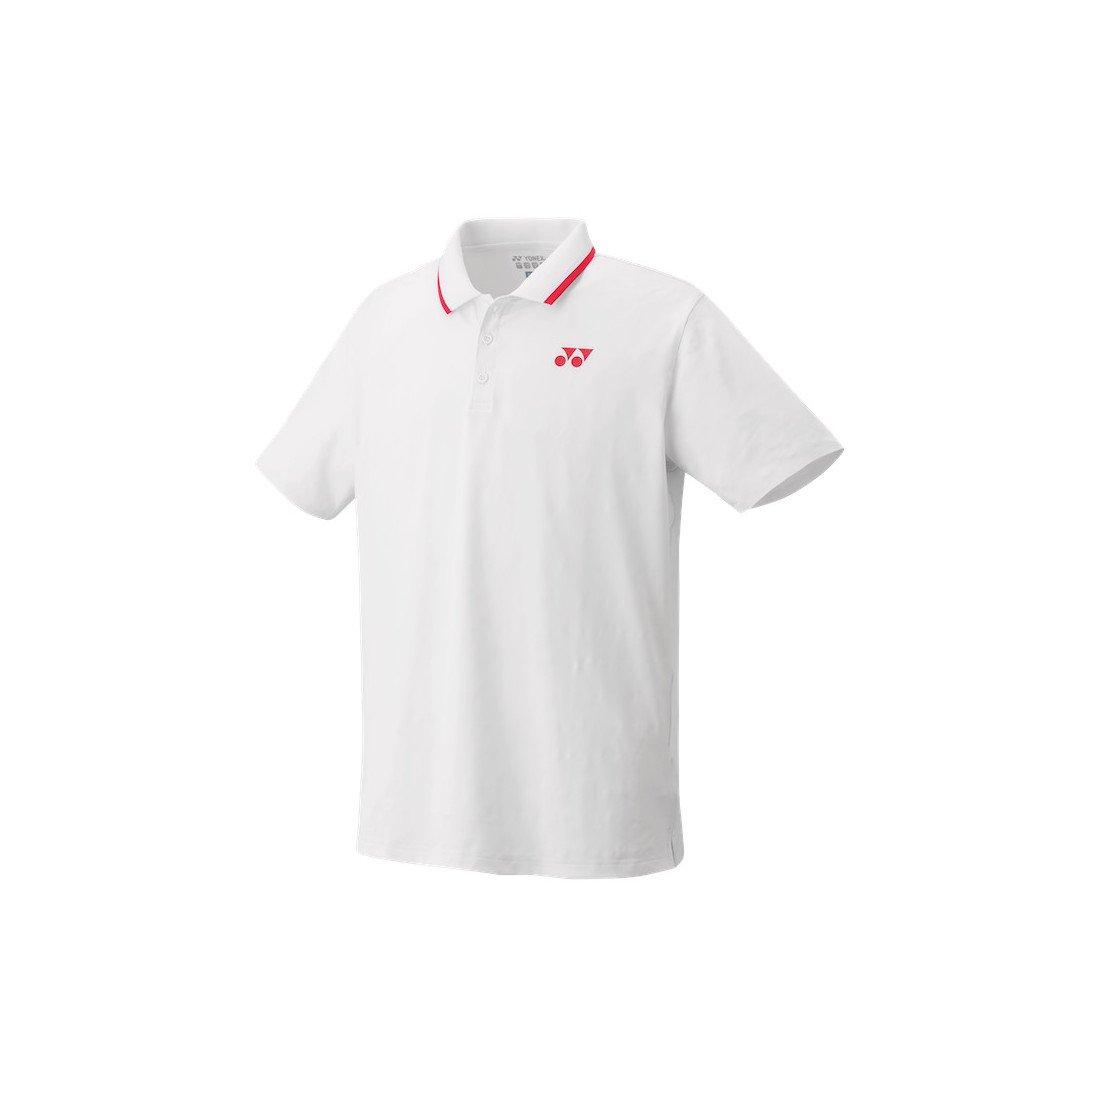 Yonex Men's Polo Tennis Shirt (Slim Fit) [white]